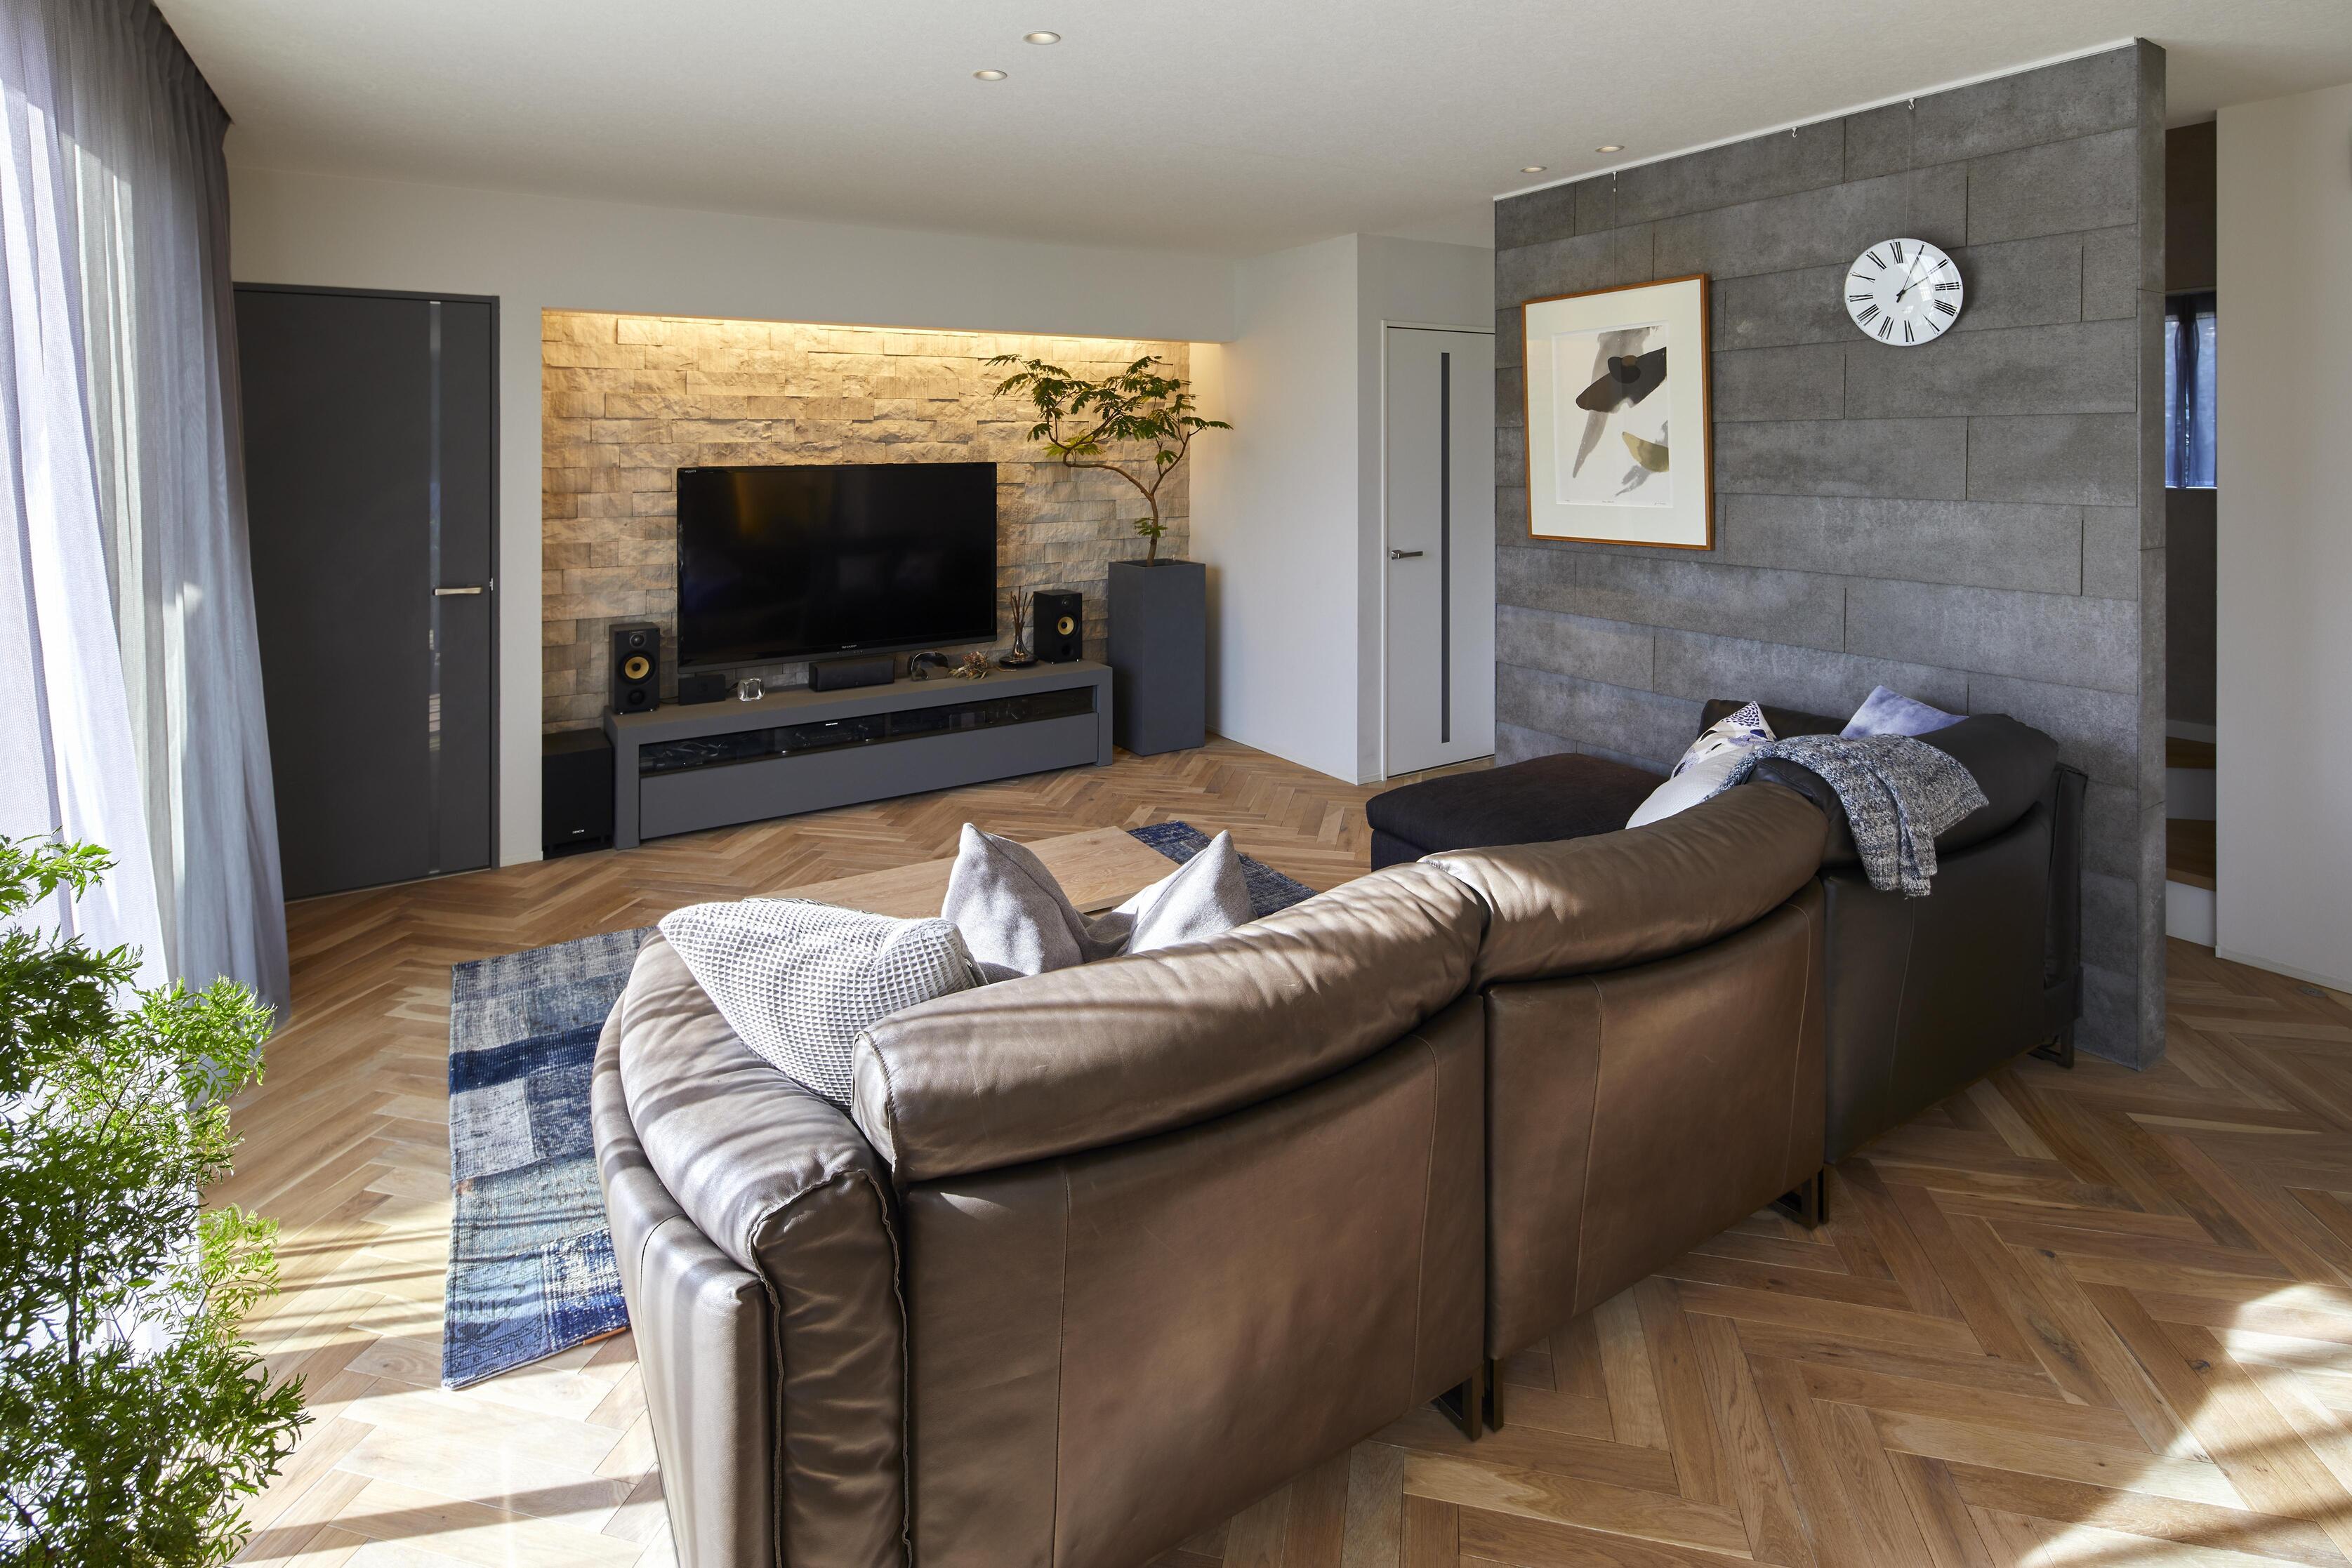 間接照明の陰影が味わえる。LDKの階段はセメント版をラップ張りした飾り壁で隠し、より家具を主役として引き立てている